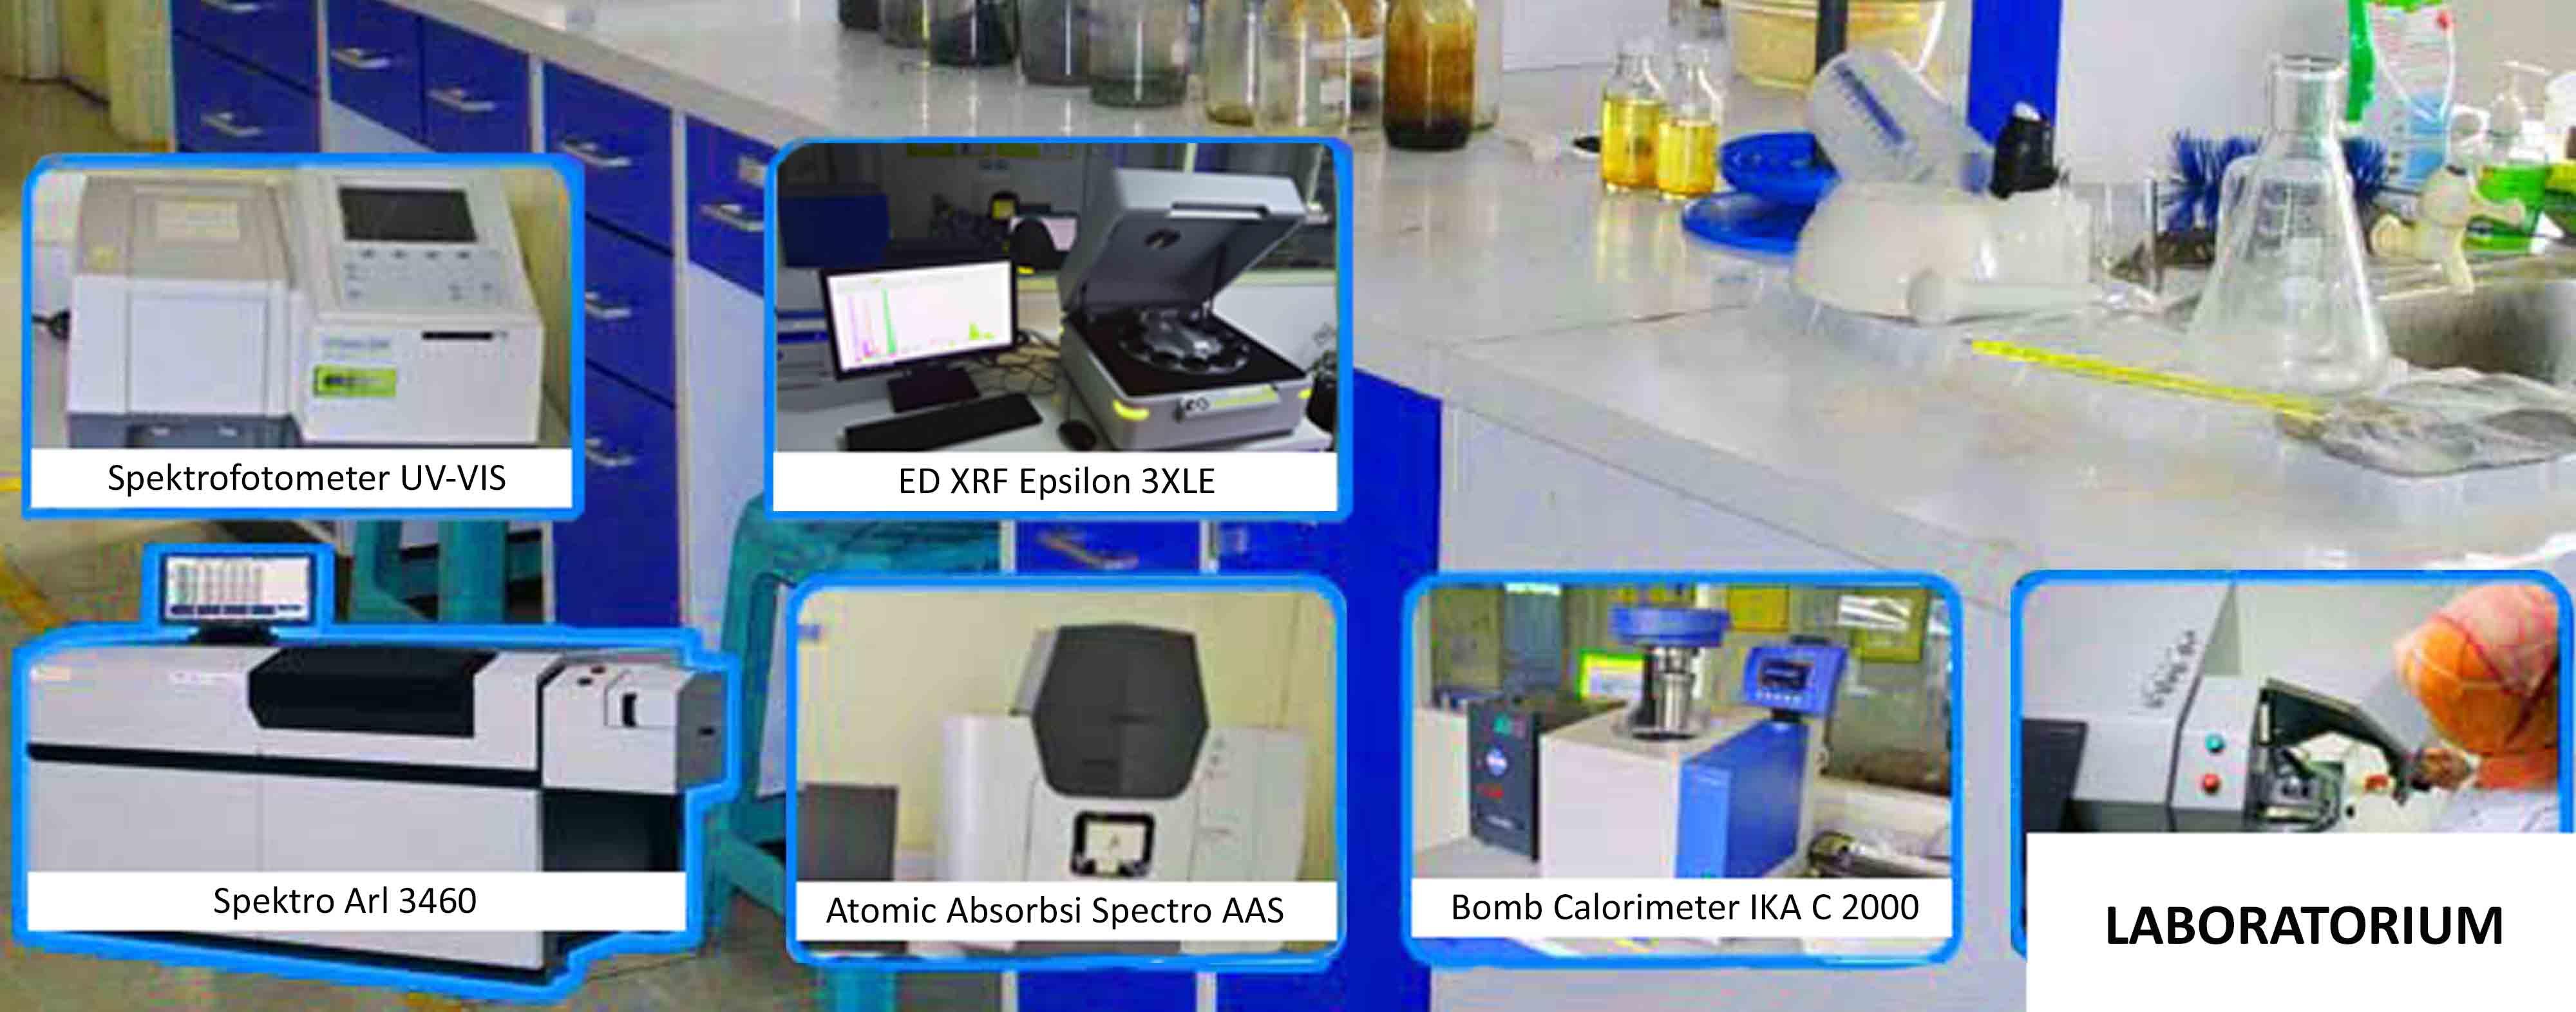 multihanna kreasindo pengolah limbah b3 laboratorium